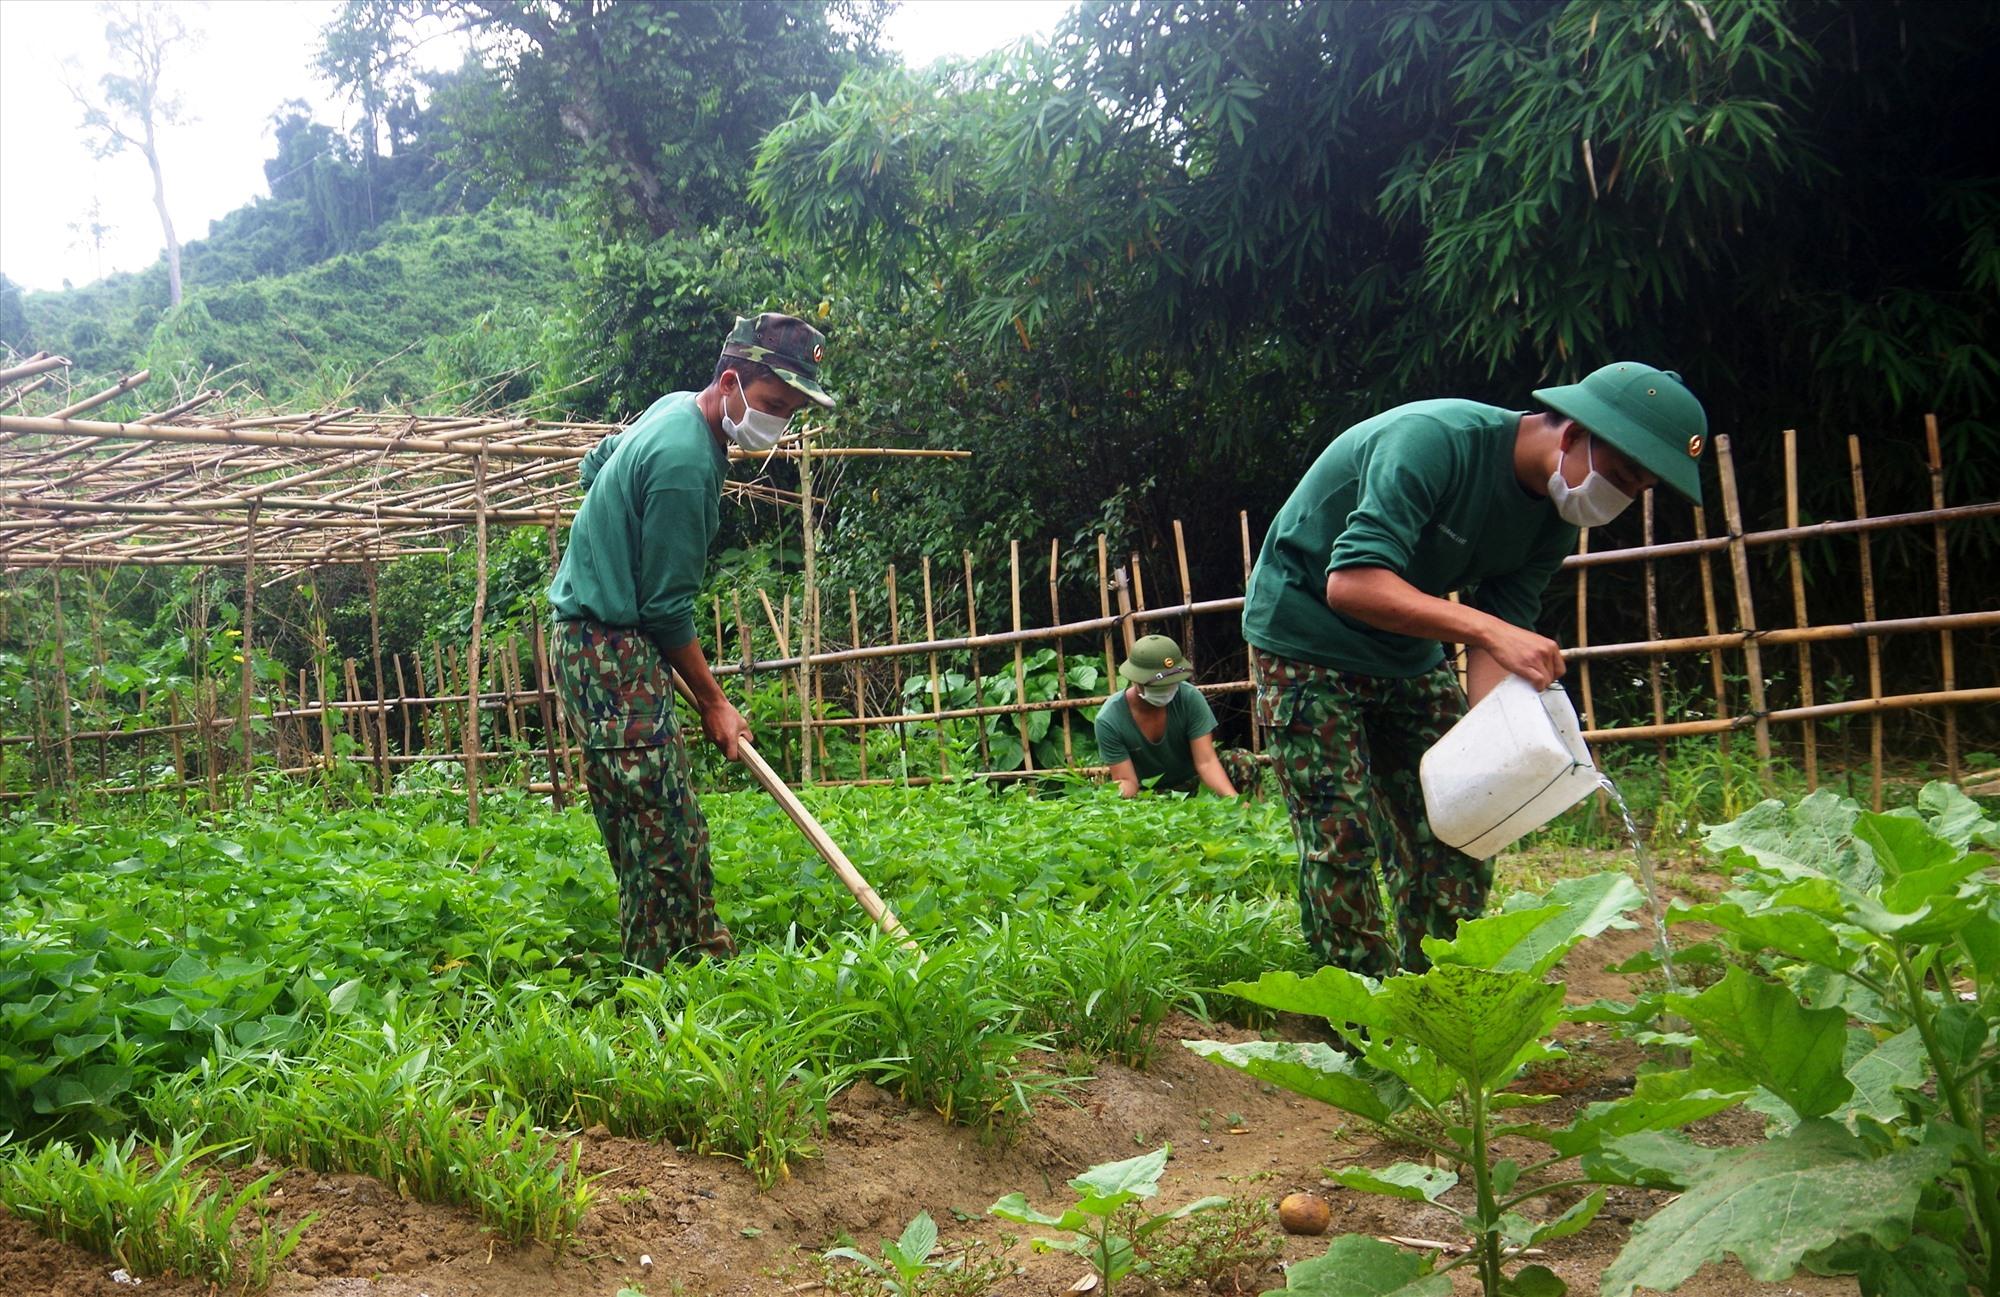 Tăng gia sản xuất để cải thiện đời sống, tạo nguồn rau sạch tại chỗ cho bữa ăn hàng ngày. Ảnh: T.N